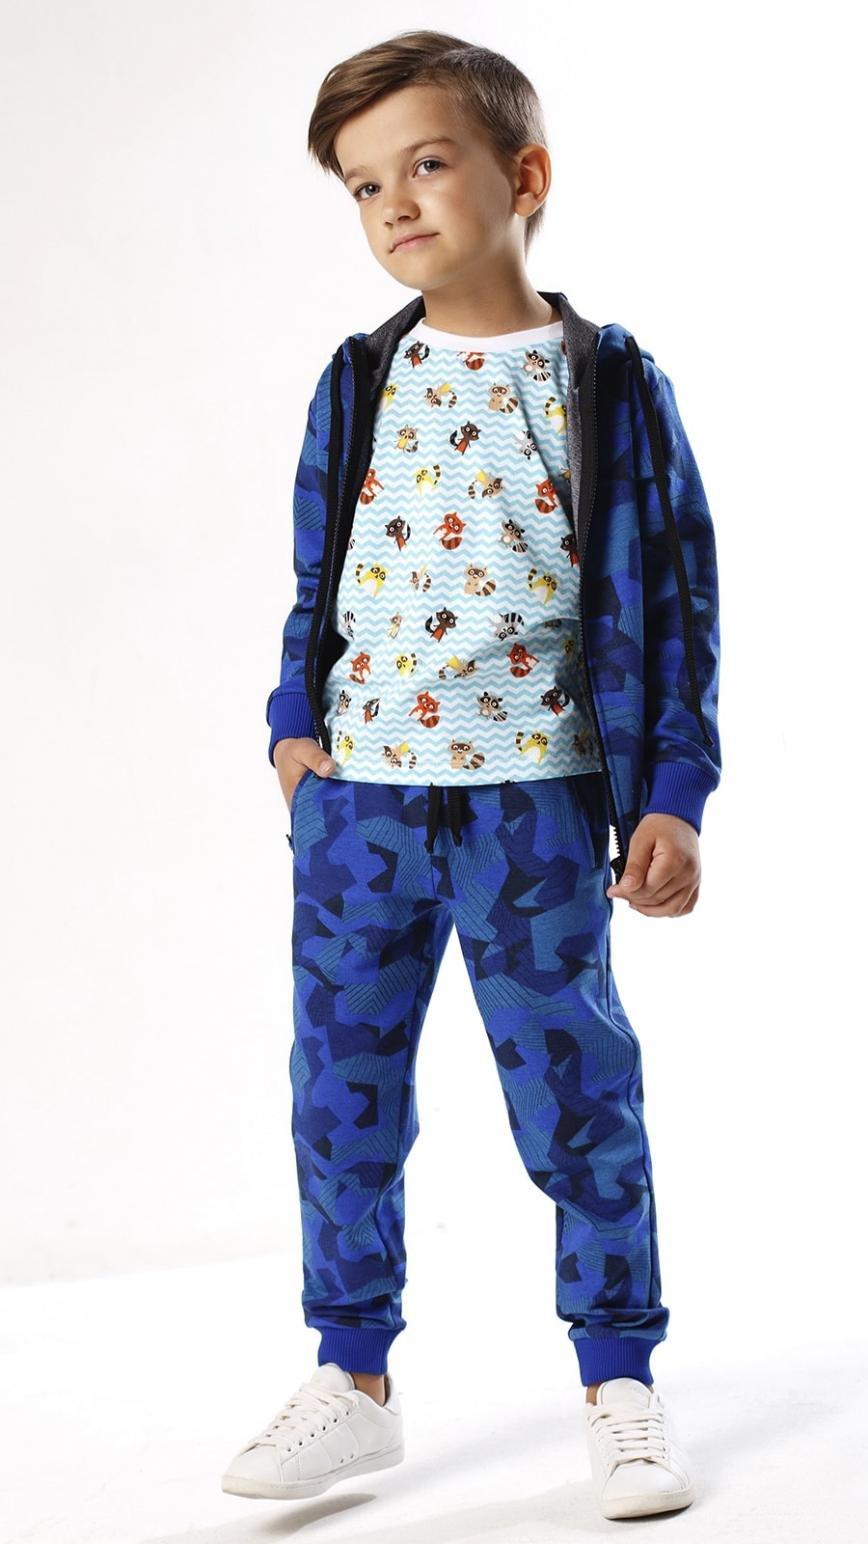 5036ffeae074 Где в Украине купить детскую одежду оптом. Покупаем детскую одежду оптом от  проверенных поставщиков.